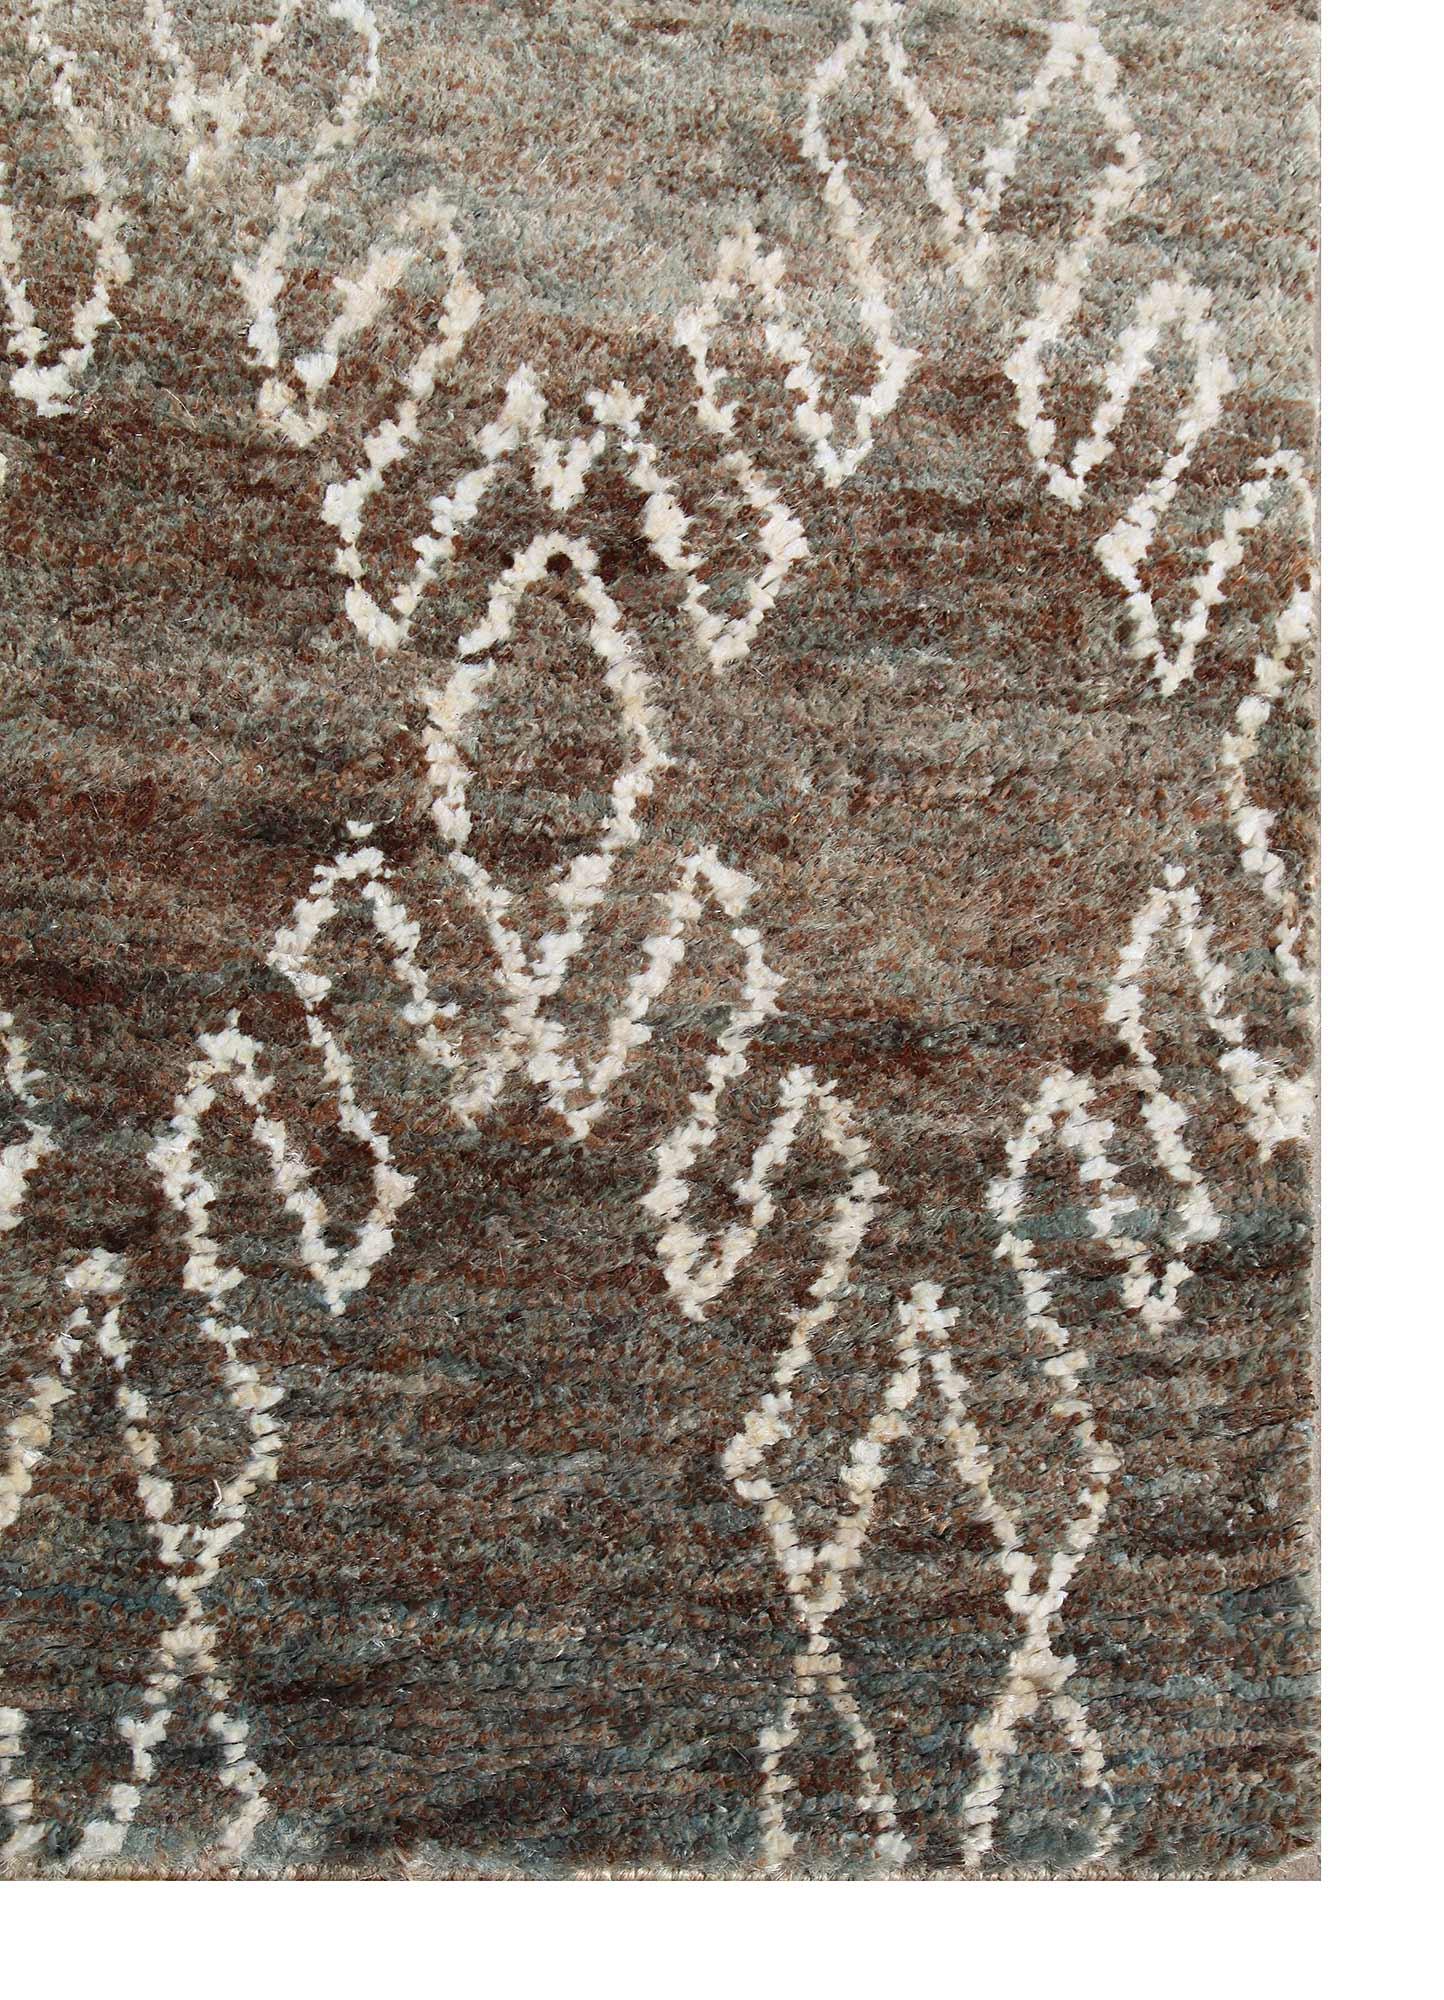 anatolia green jute and hemp jute rugs Rug - Corner